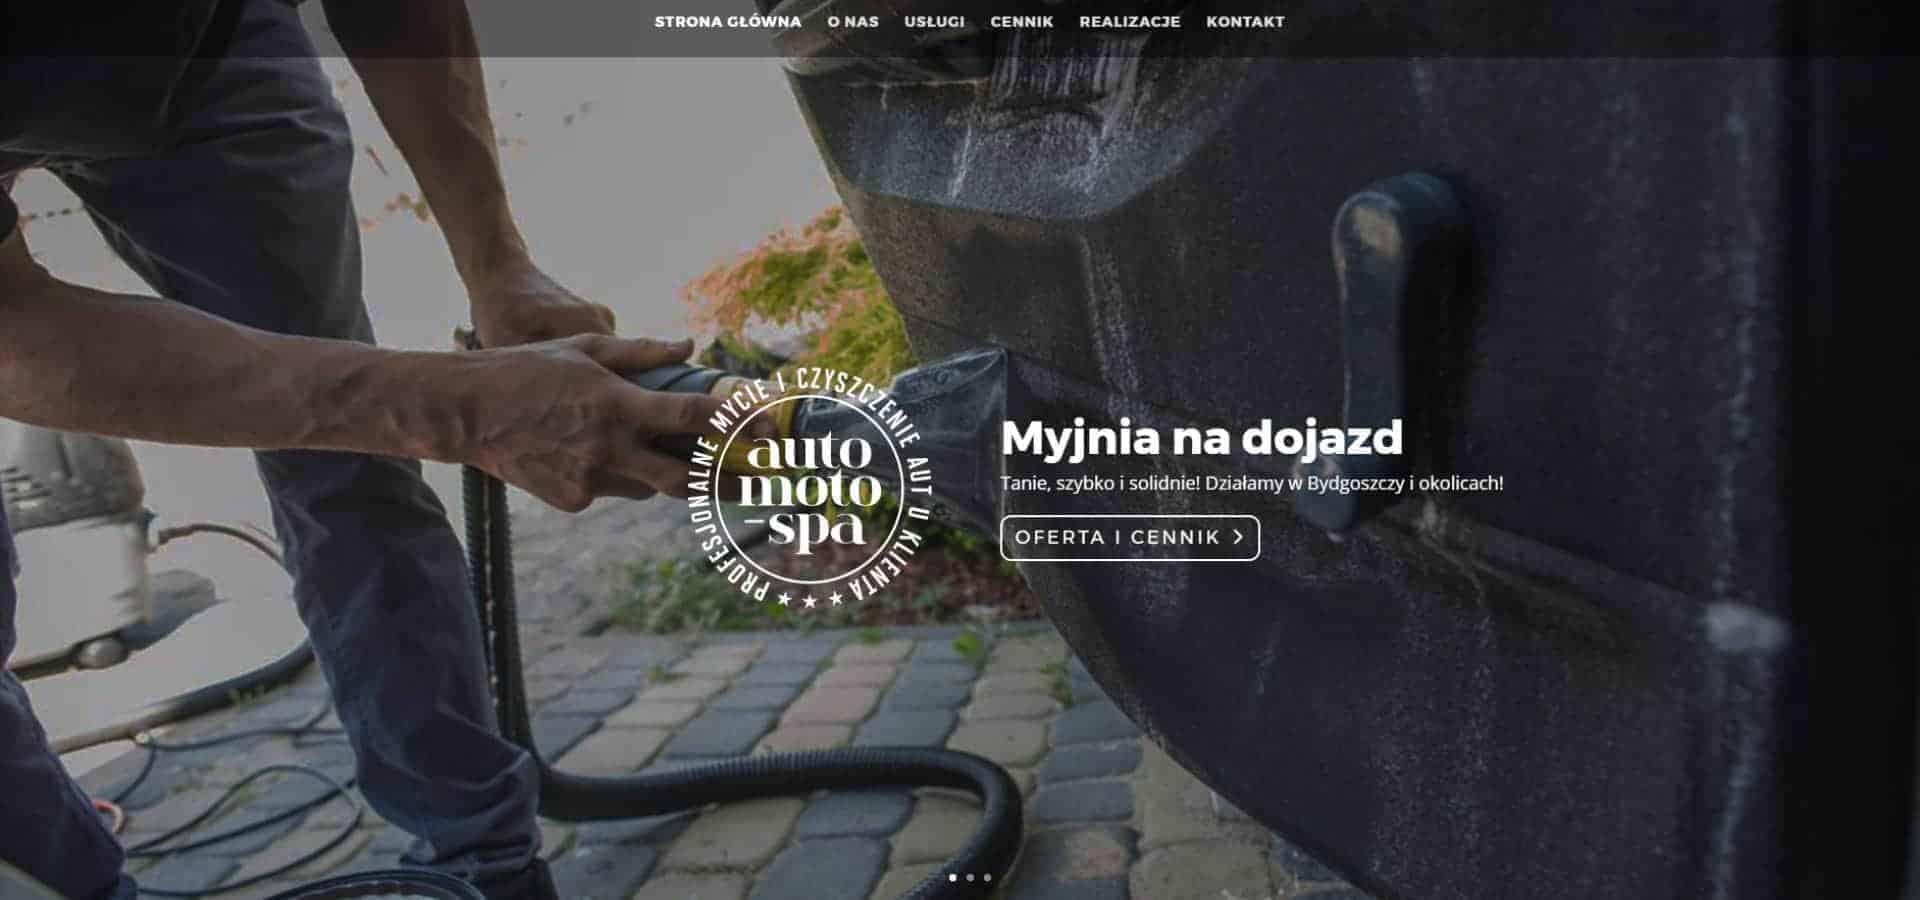 Strona WW dla Auto Moto Spa